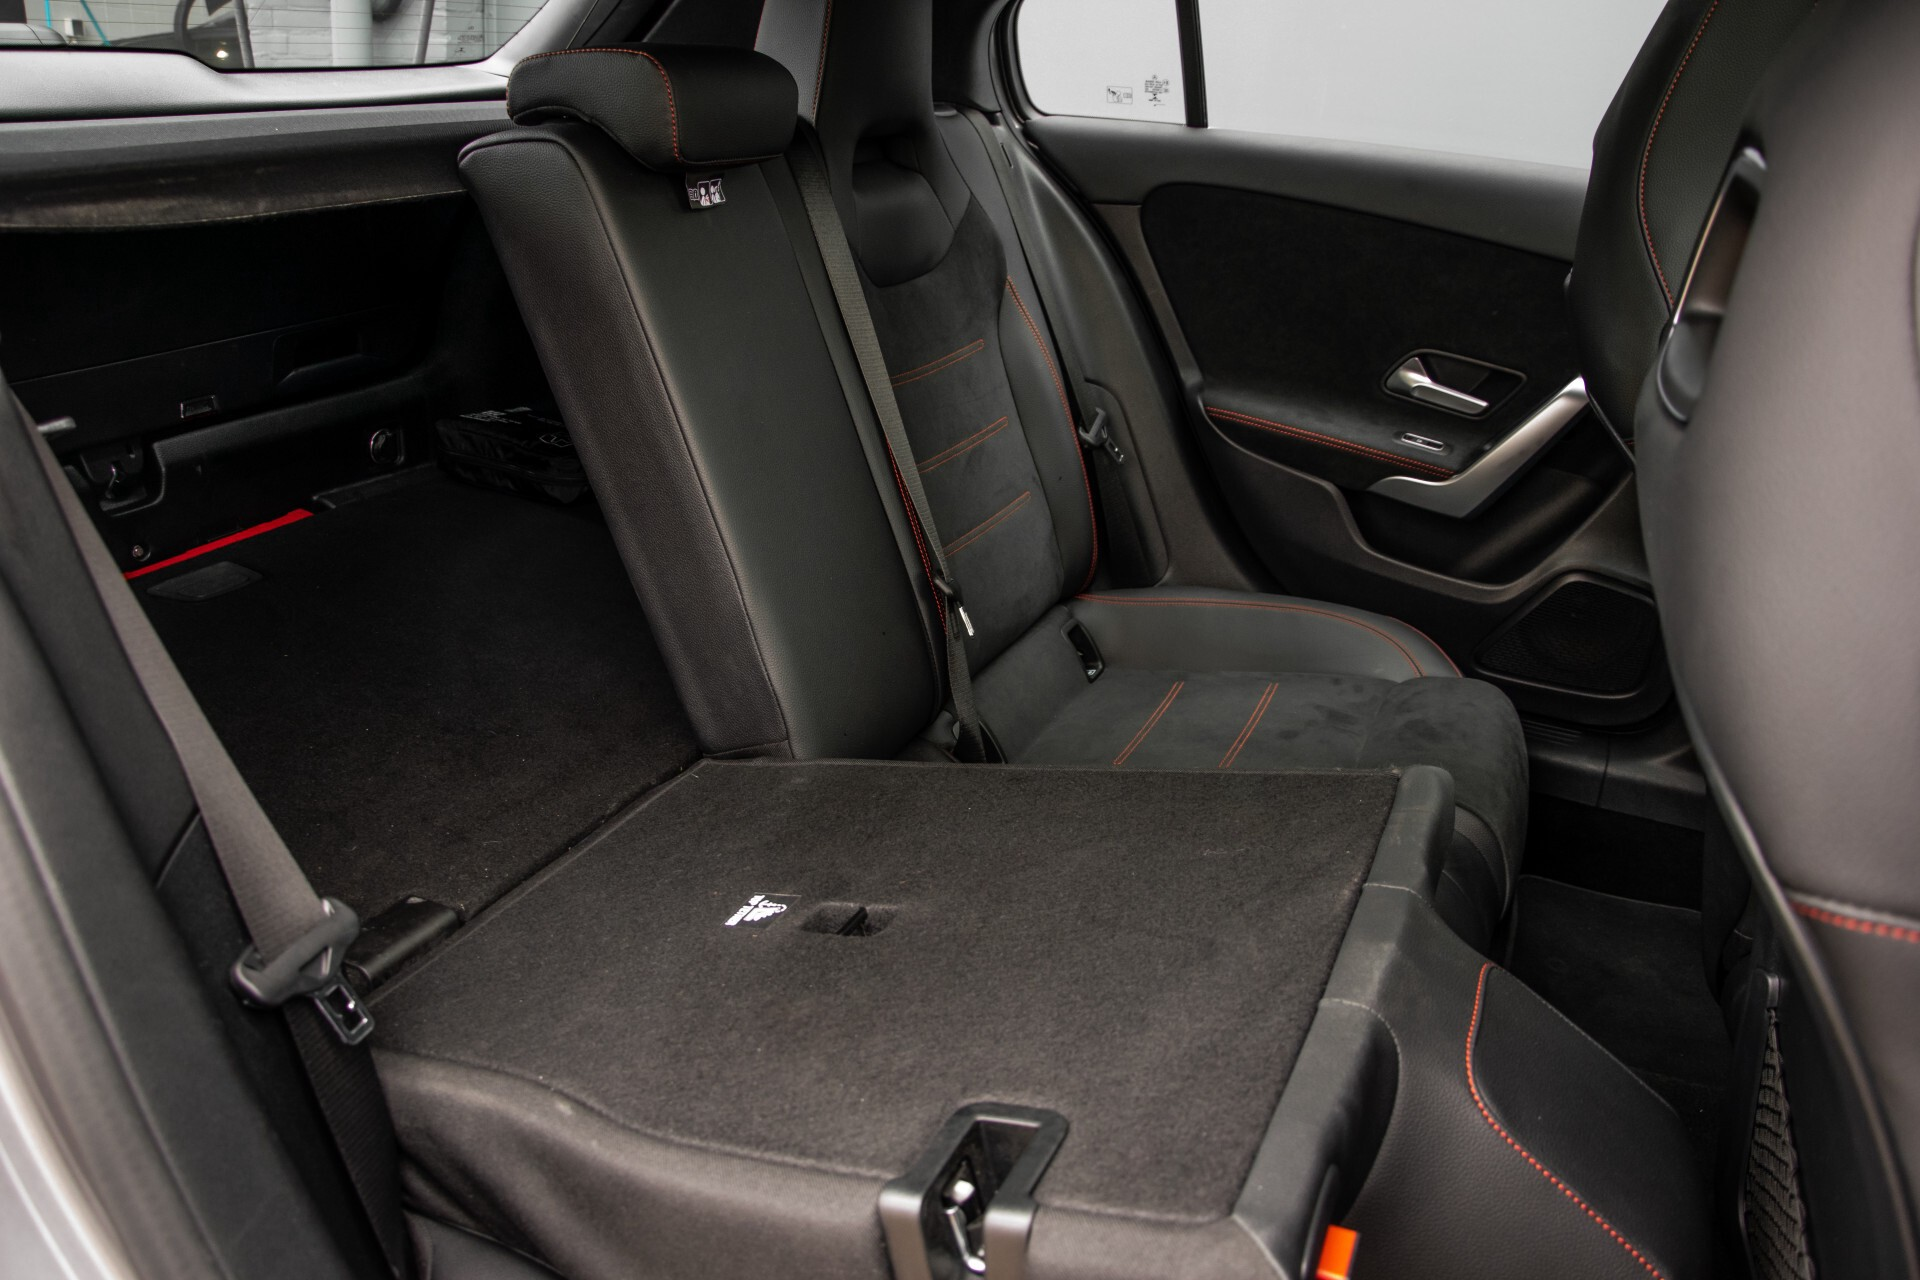 Mercedes-Benz A-Klasse 180 d AMG Panorama/MBUX/DAB/LED Aut7 Foto 5